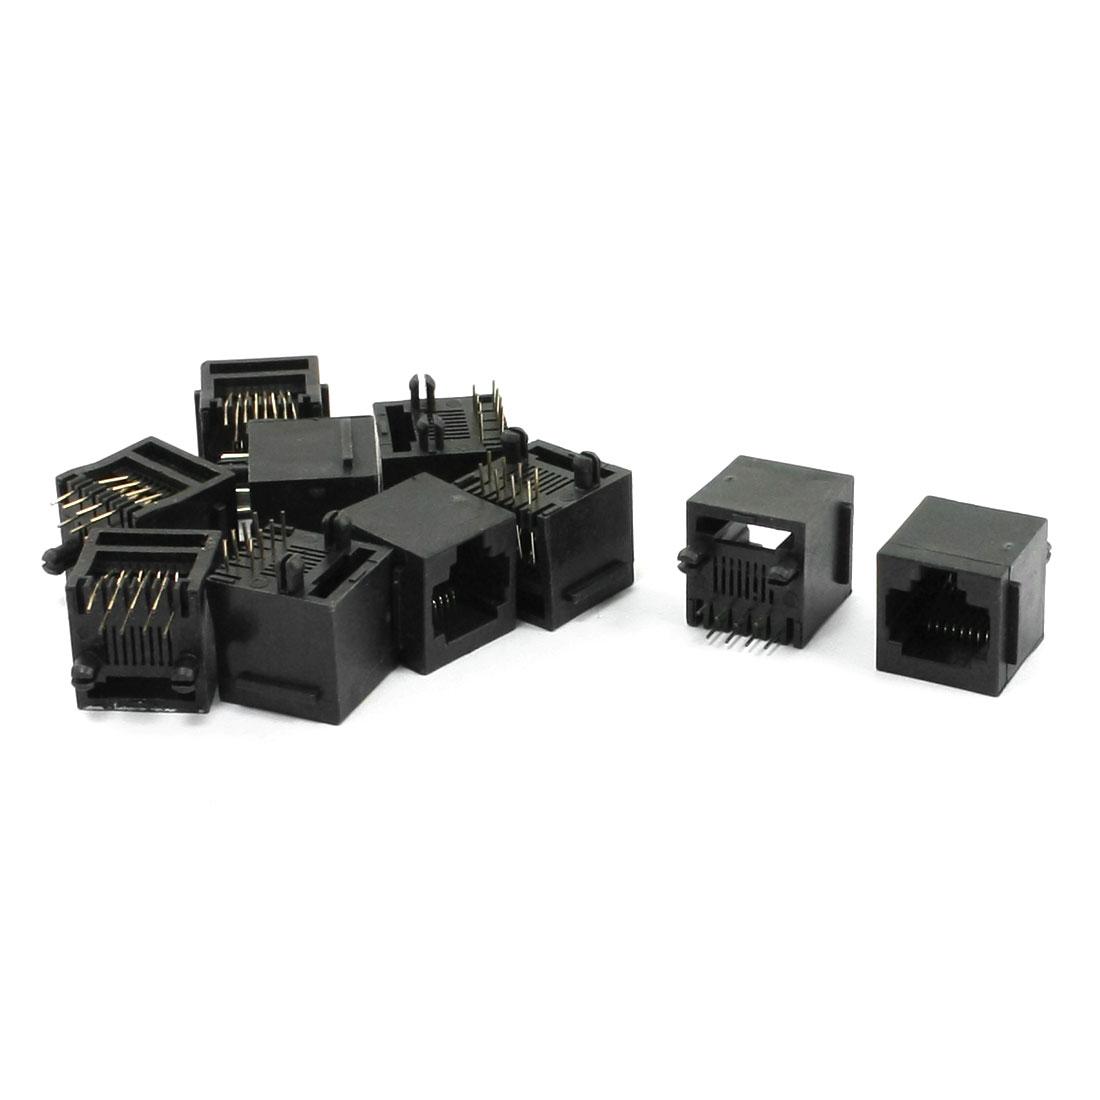 Unshielded 8P8C RJ45 Modules Network PCB Jack Connector 10 Pcs